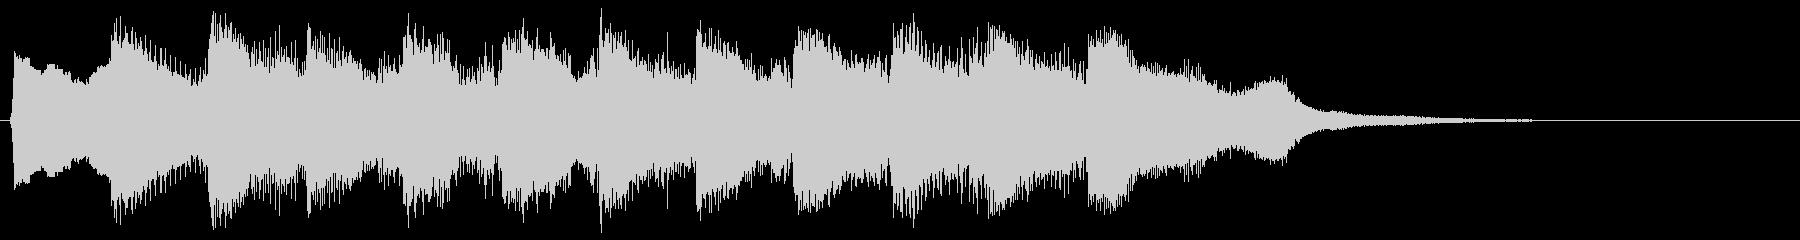 8bit レベルアップ ゲームクリア音の未再生の波形